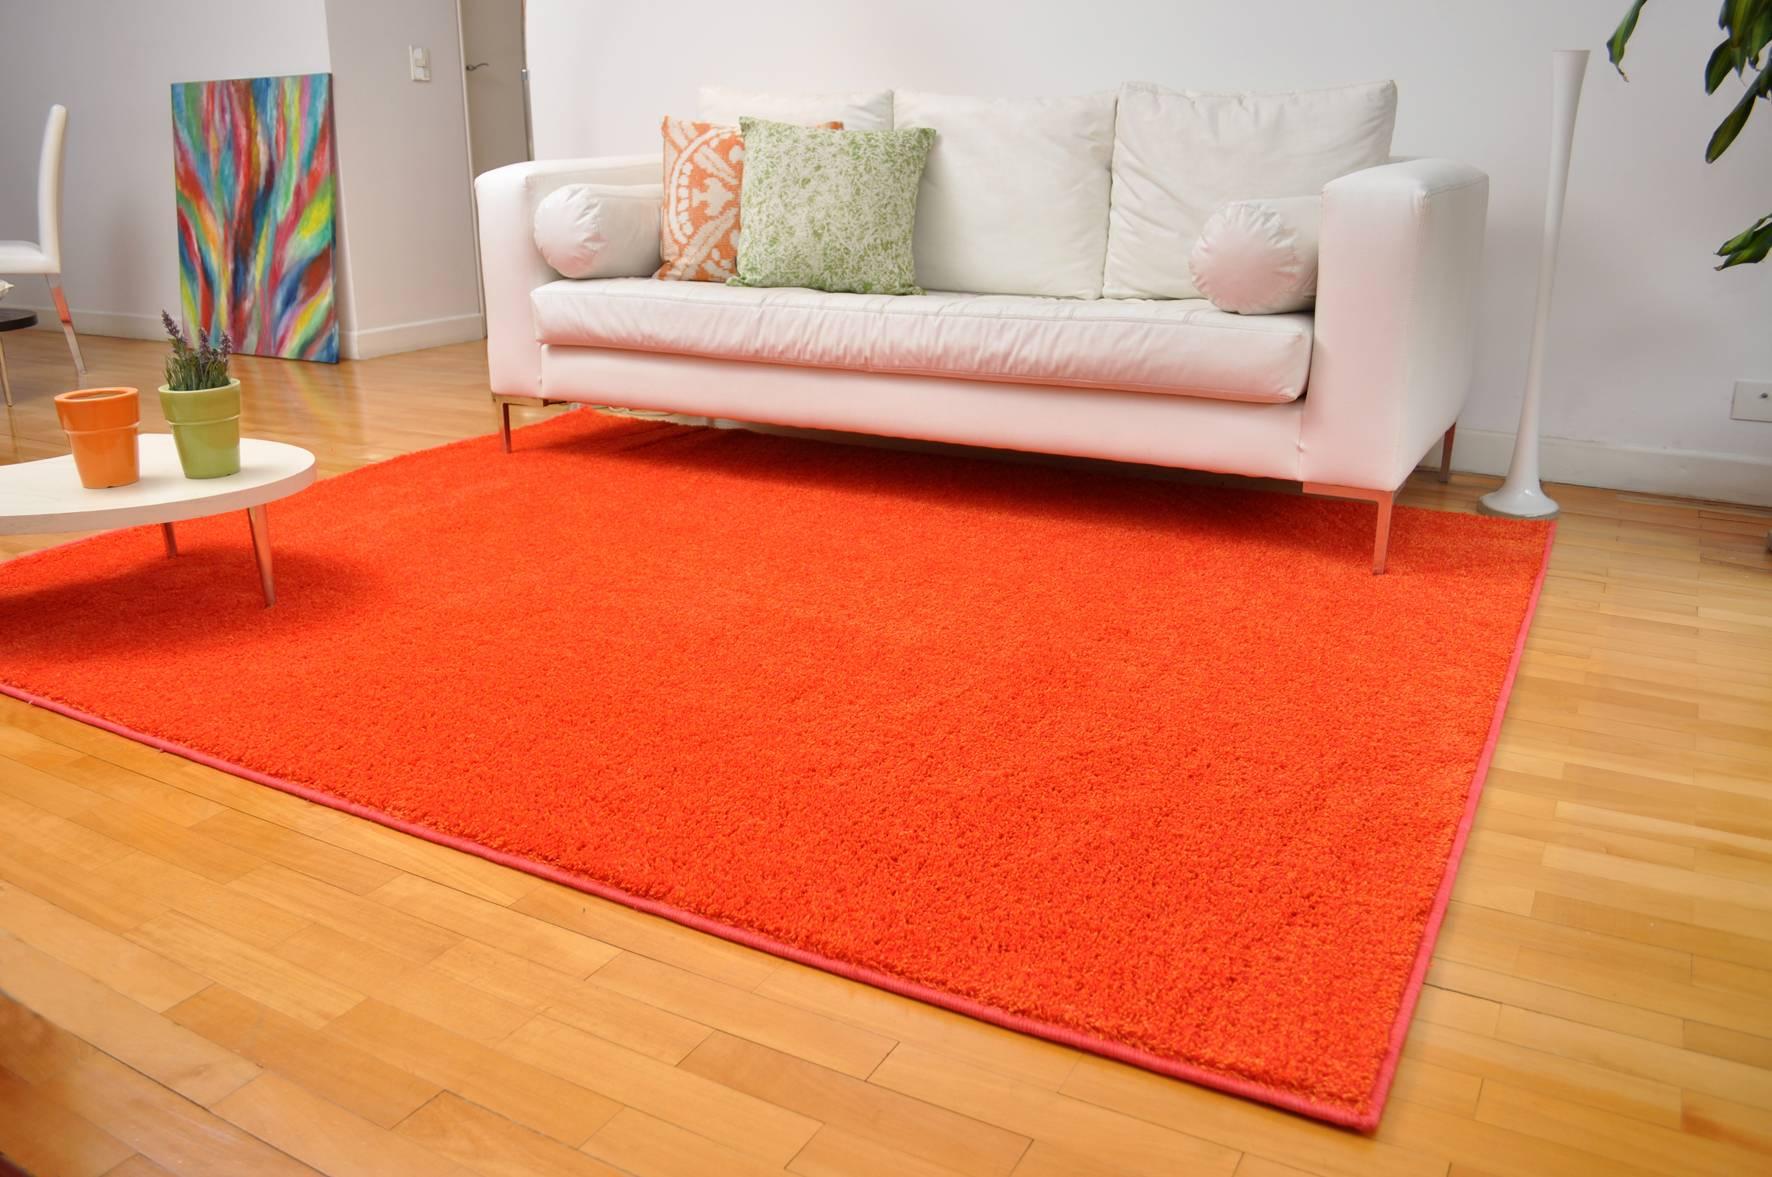 Alfombras el complemento que nunca pasa de moda - Casa de alfombras ...